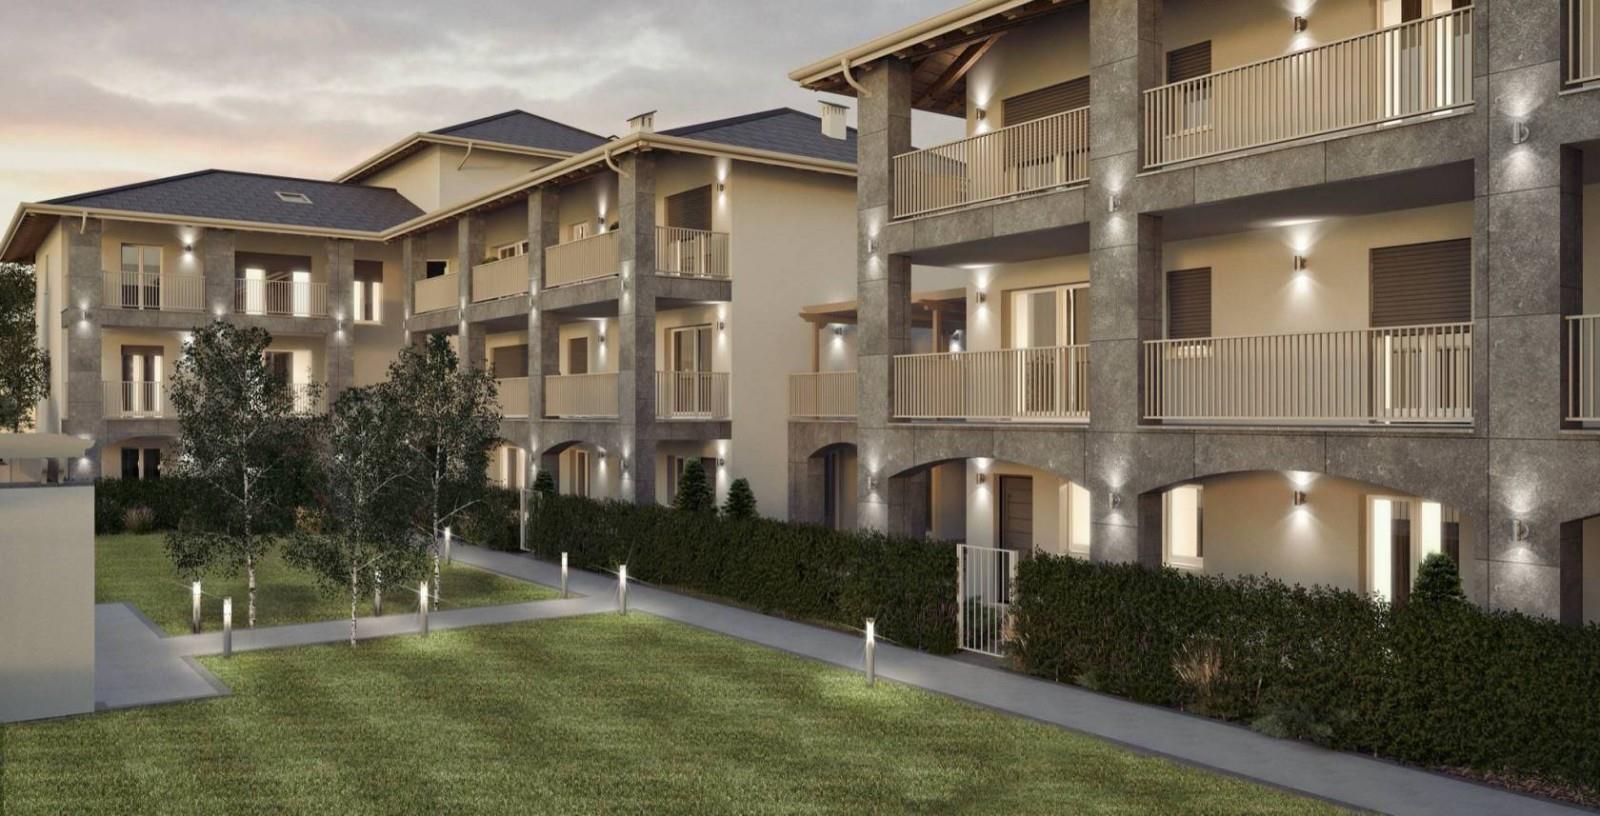 Foto 5 - Appartamento in Vendita - Monza, Zona Regina Pacis